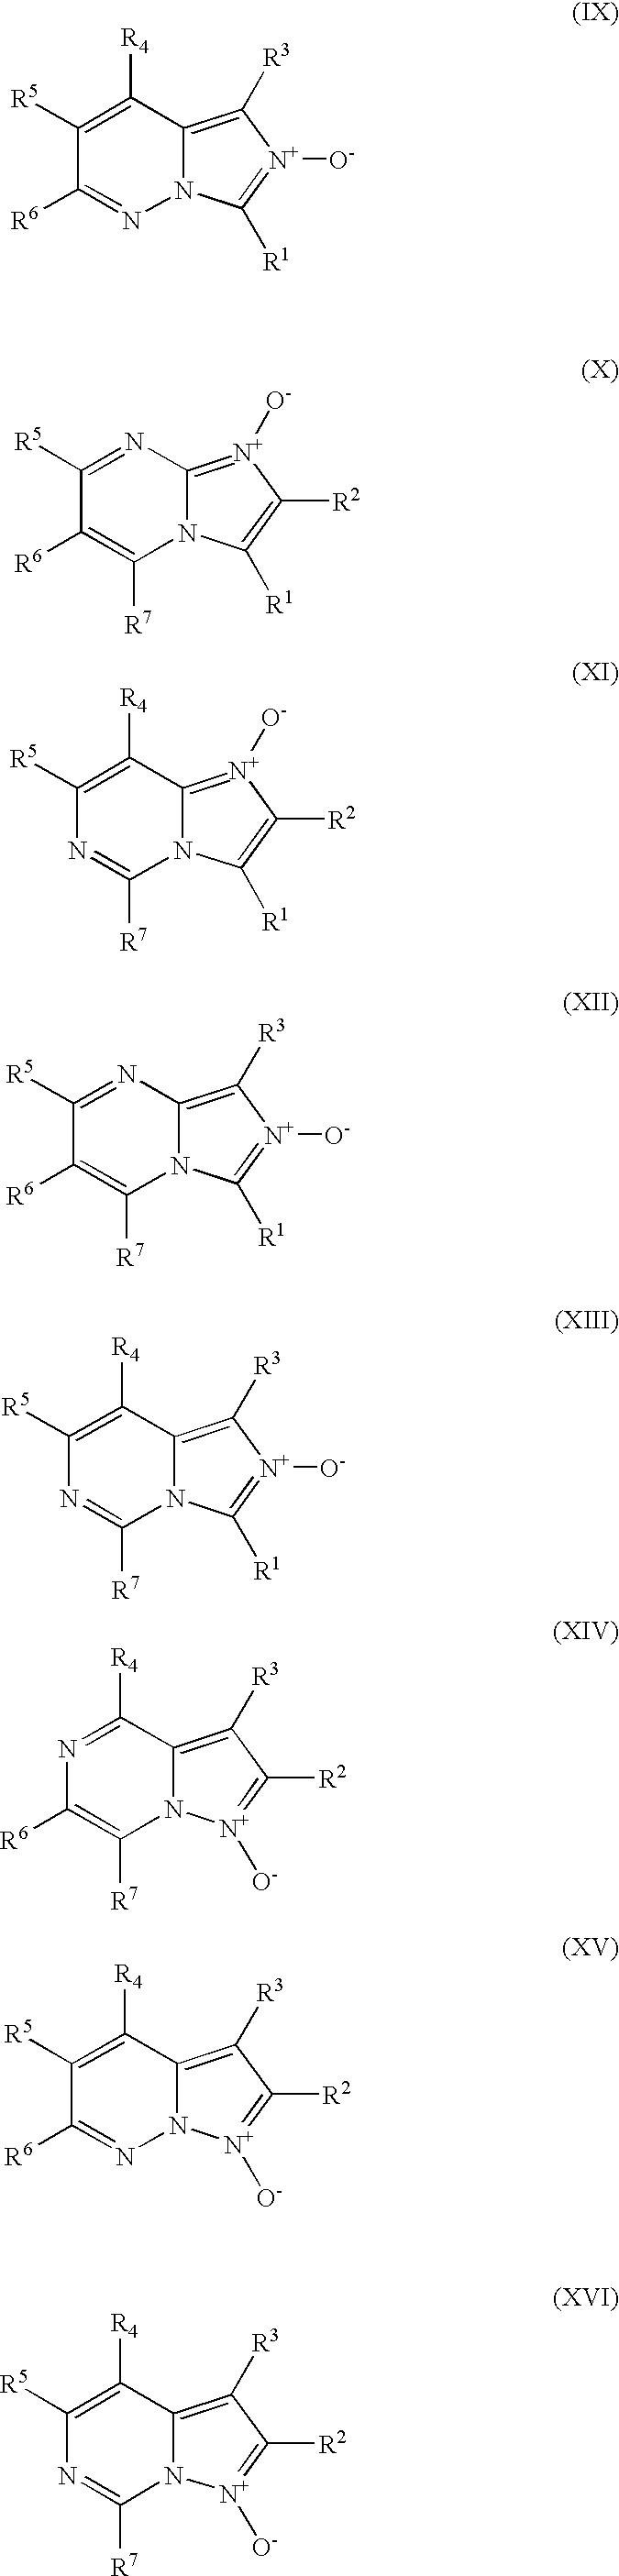 Figure US20060156483A1-20060720-C00036